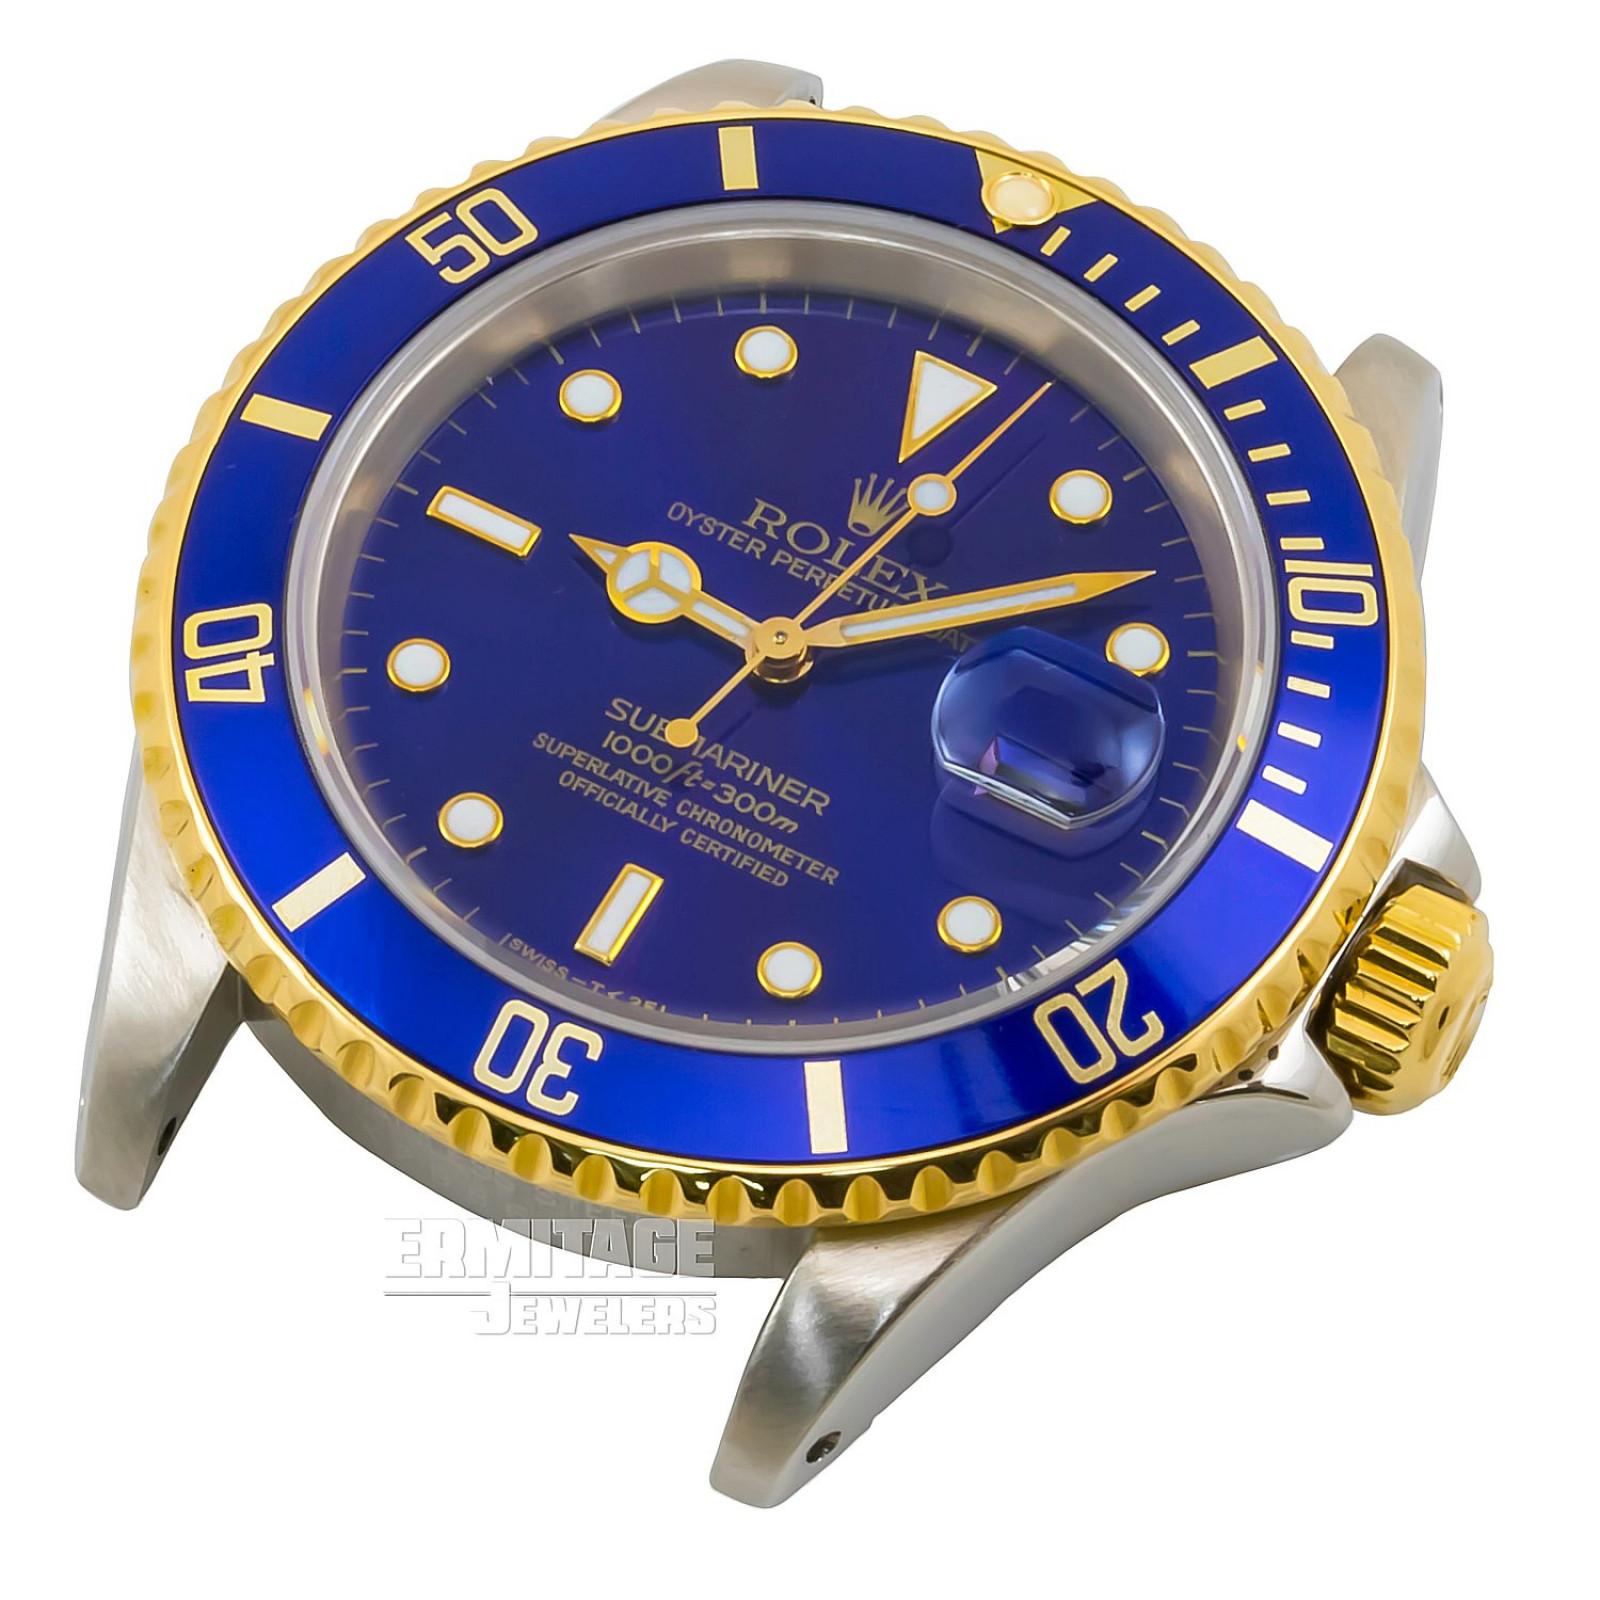 Rolex Submariner 16613 Blue Dial